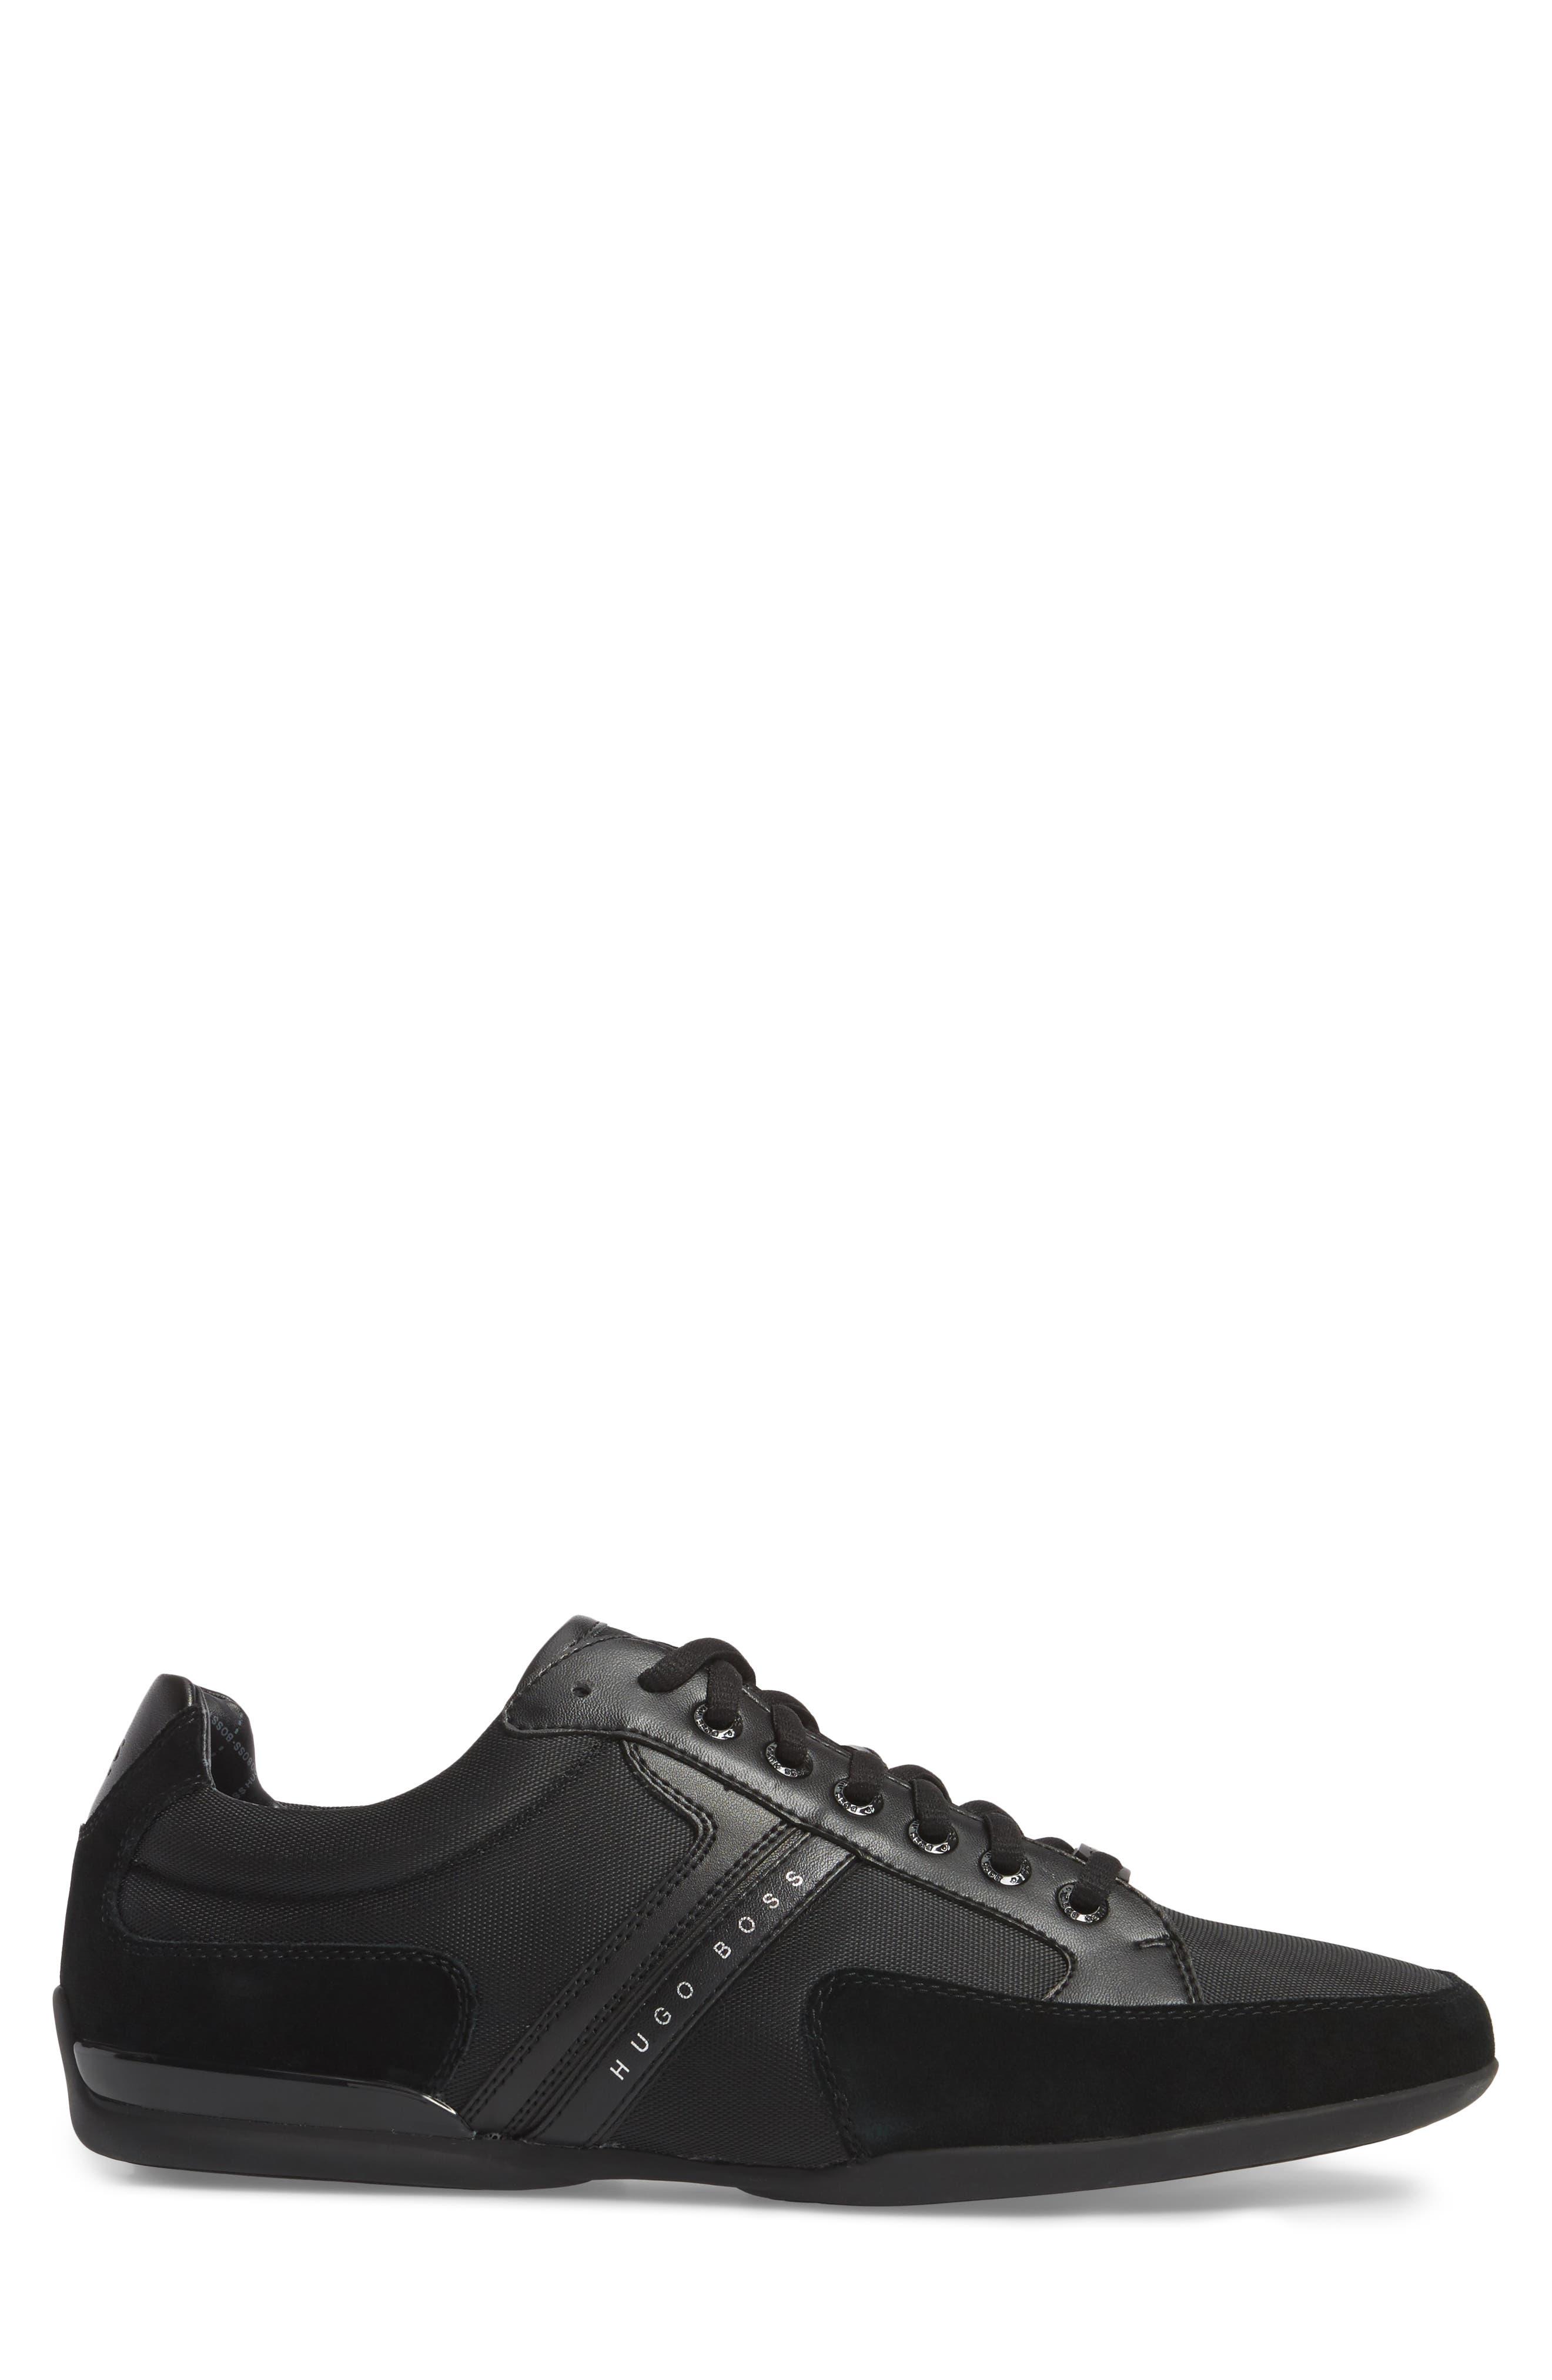 BOSS,                             Hugo Boss Sneaker,                             Alternate thumbnail 3, color,                             001